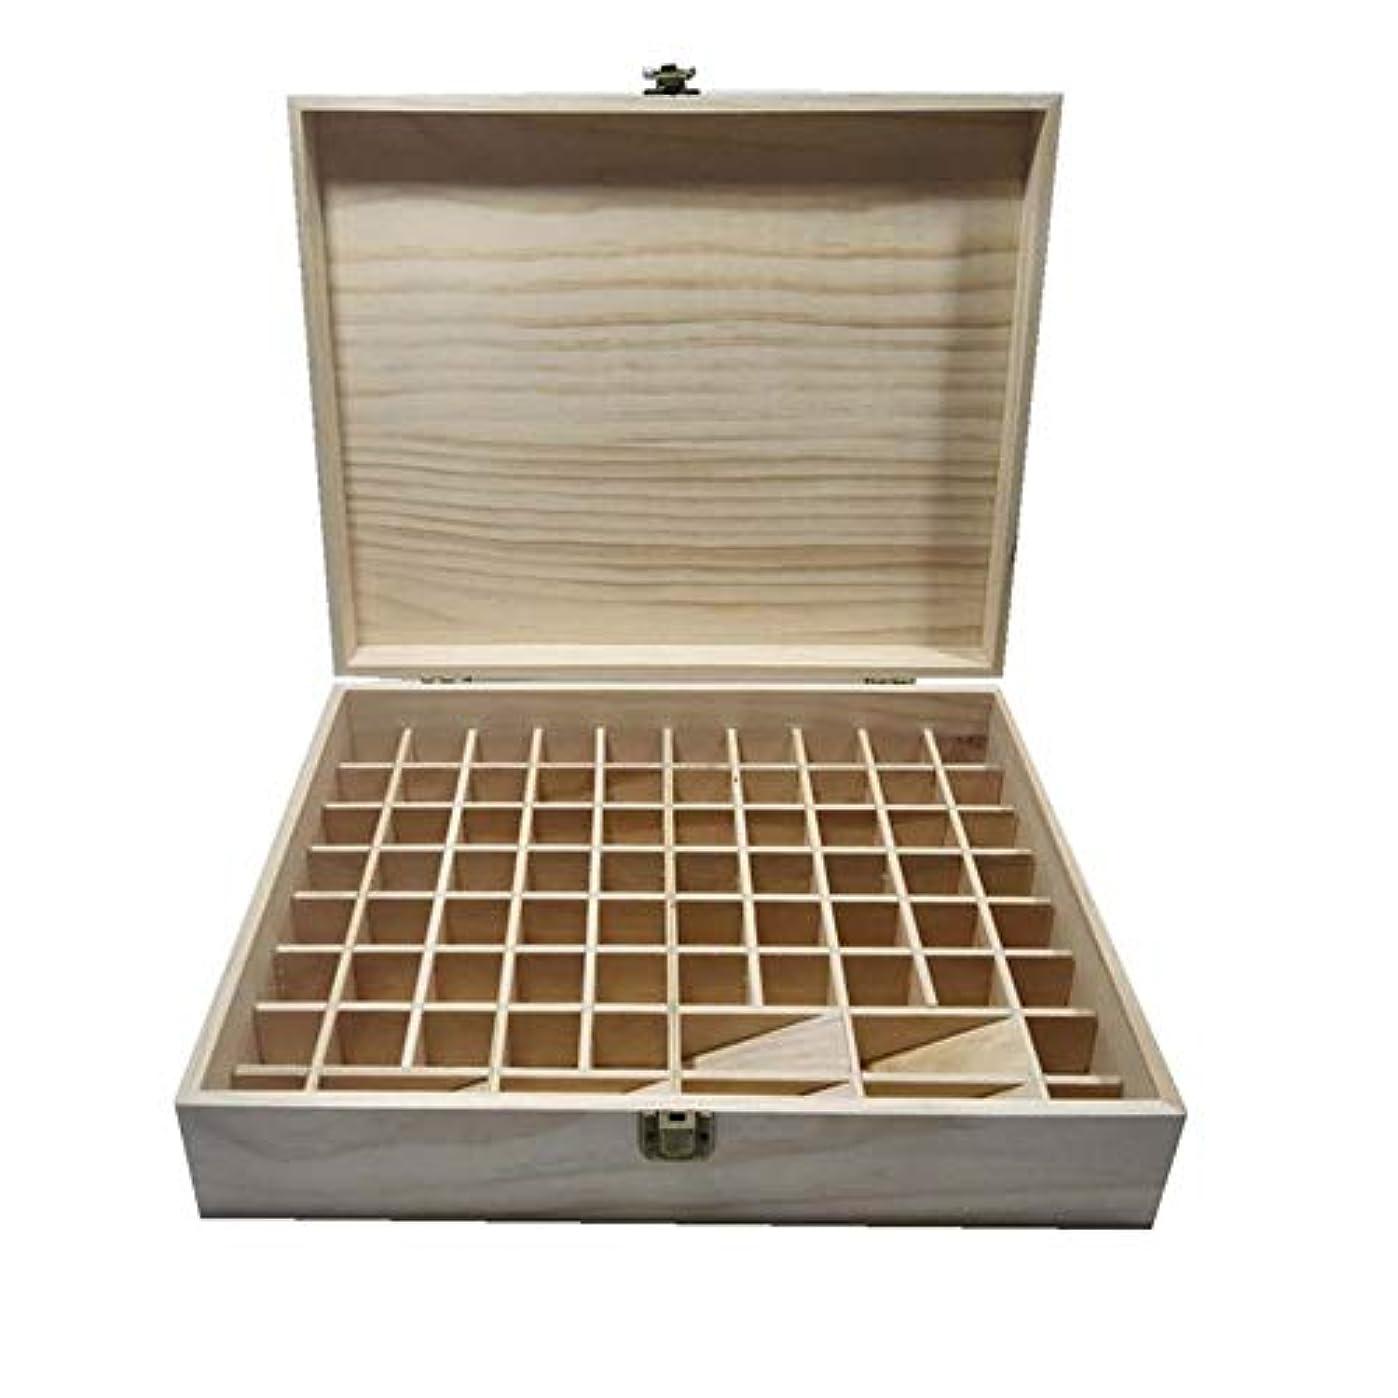 批判家庭スイス人エッセンシャルオイルストレージボックス 74スロットエッセンシャルオイルボックス木製収納ケースは、ボトル用エッセンシャルオイルスペースセーバーを開催します 旅行およびプレゼンテーション用 (色 : Natural, サイズ : 34X27.5X9CM)